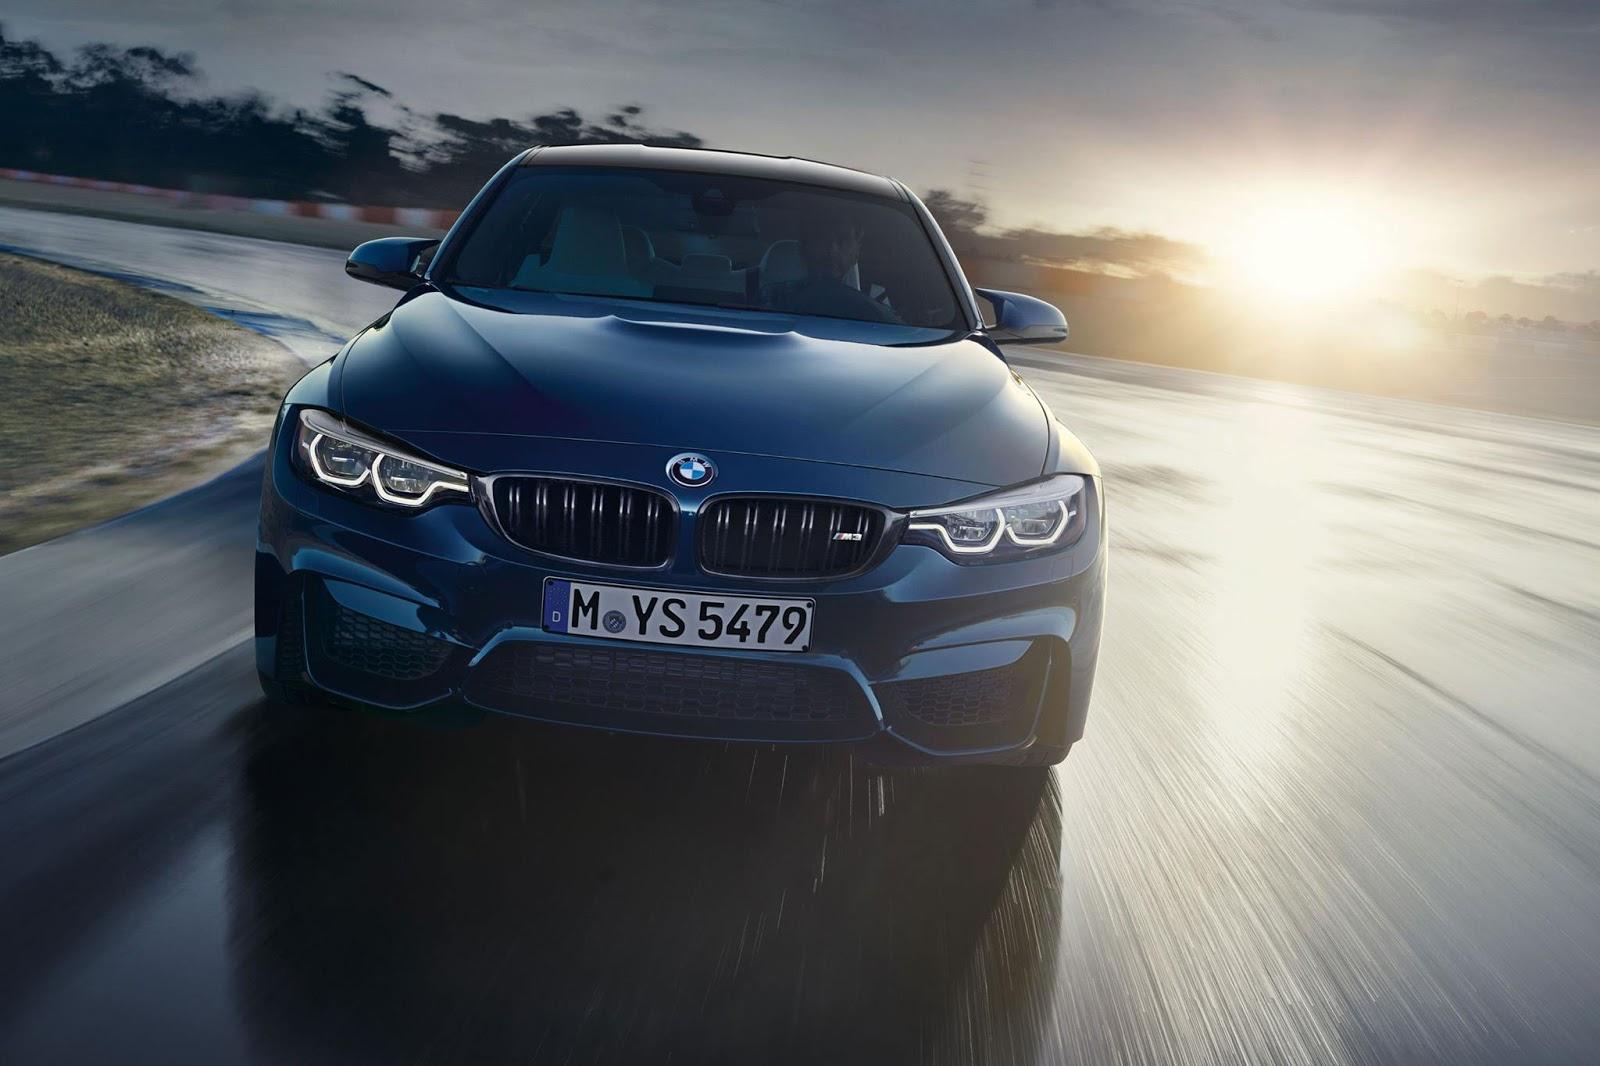 2014 - [BMW] M3 & M4 [F80/F82/F83] - Page 25 BMW%2BM3%2Bfacelift